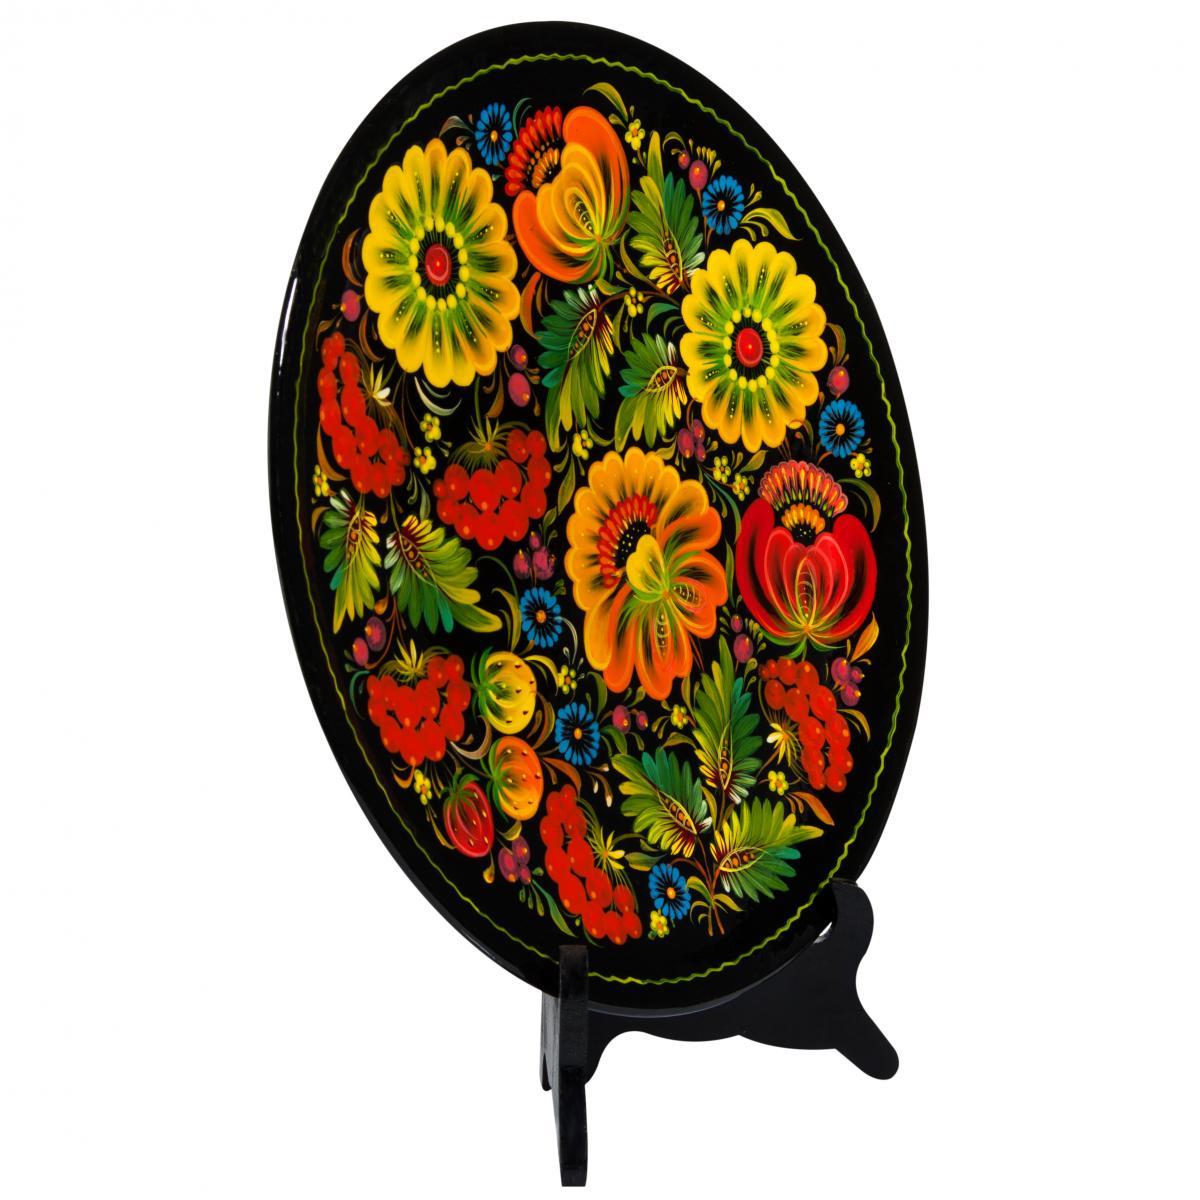 Расписная сувенирная тарелка с Петриковской росписью, 30 см. Фото №2.   Народный дом Украина